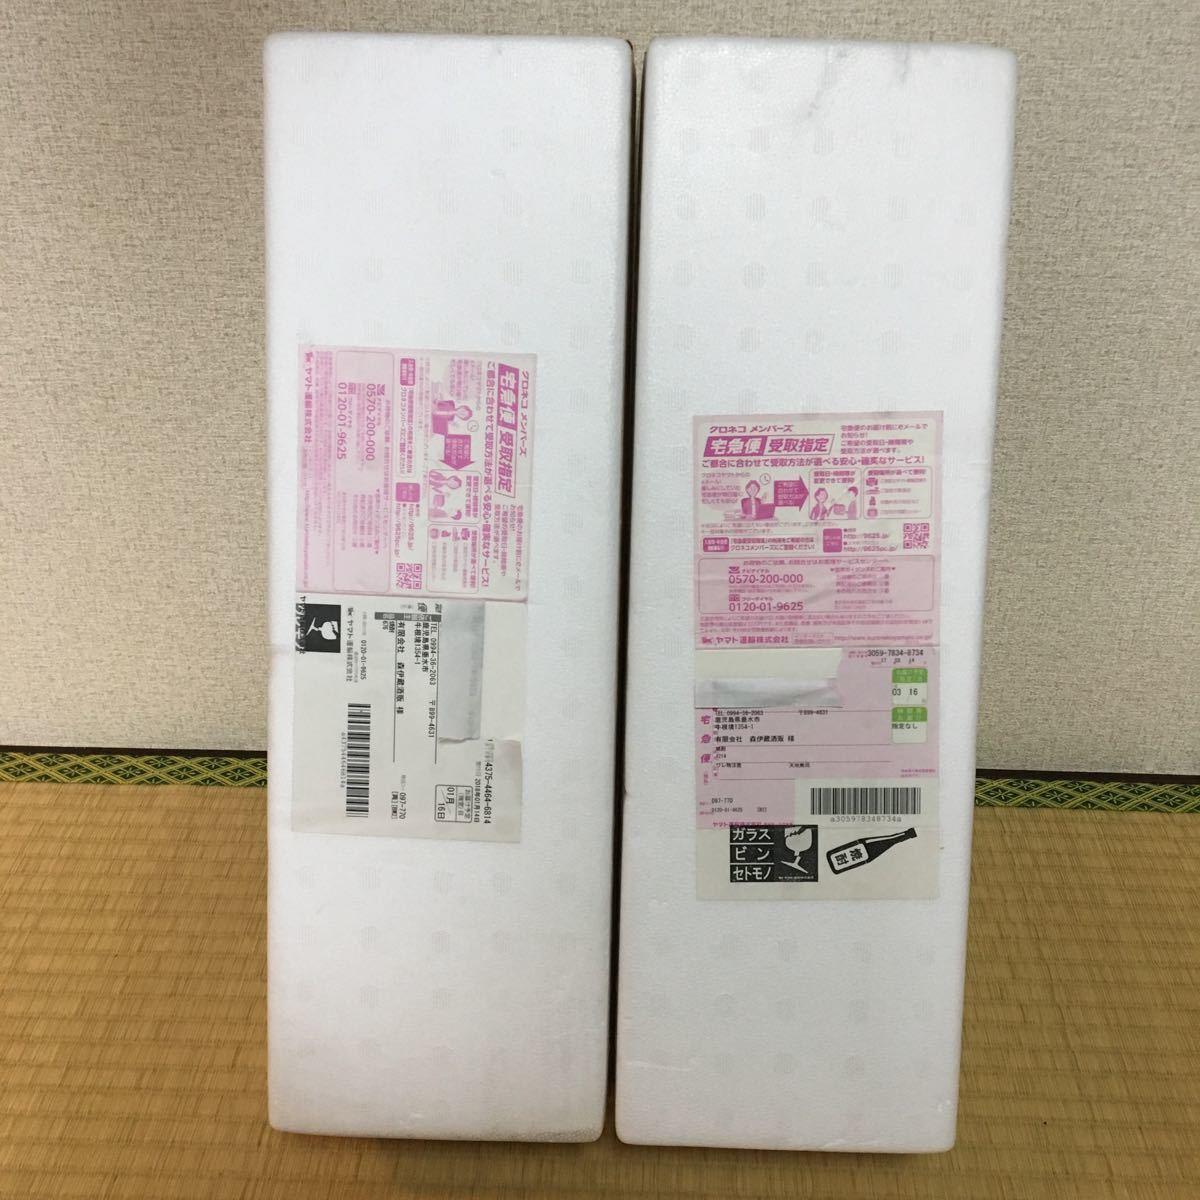 森伊蔵 芋焼酎1800ml 2本セット